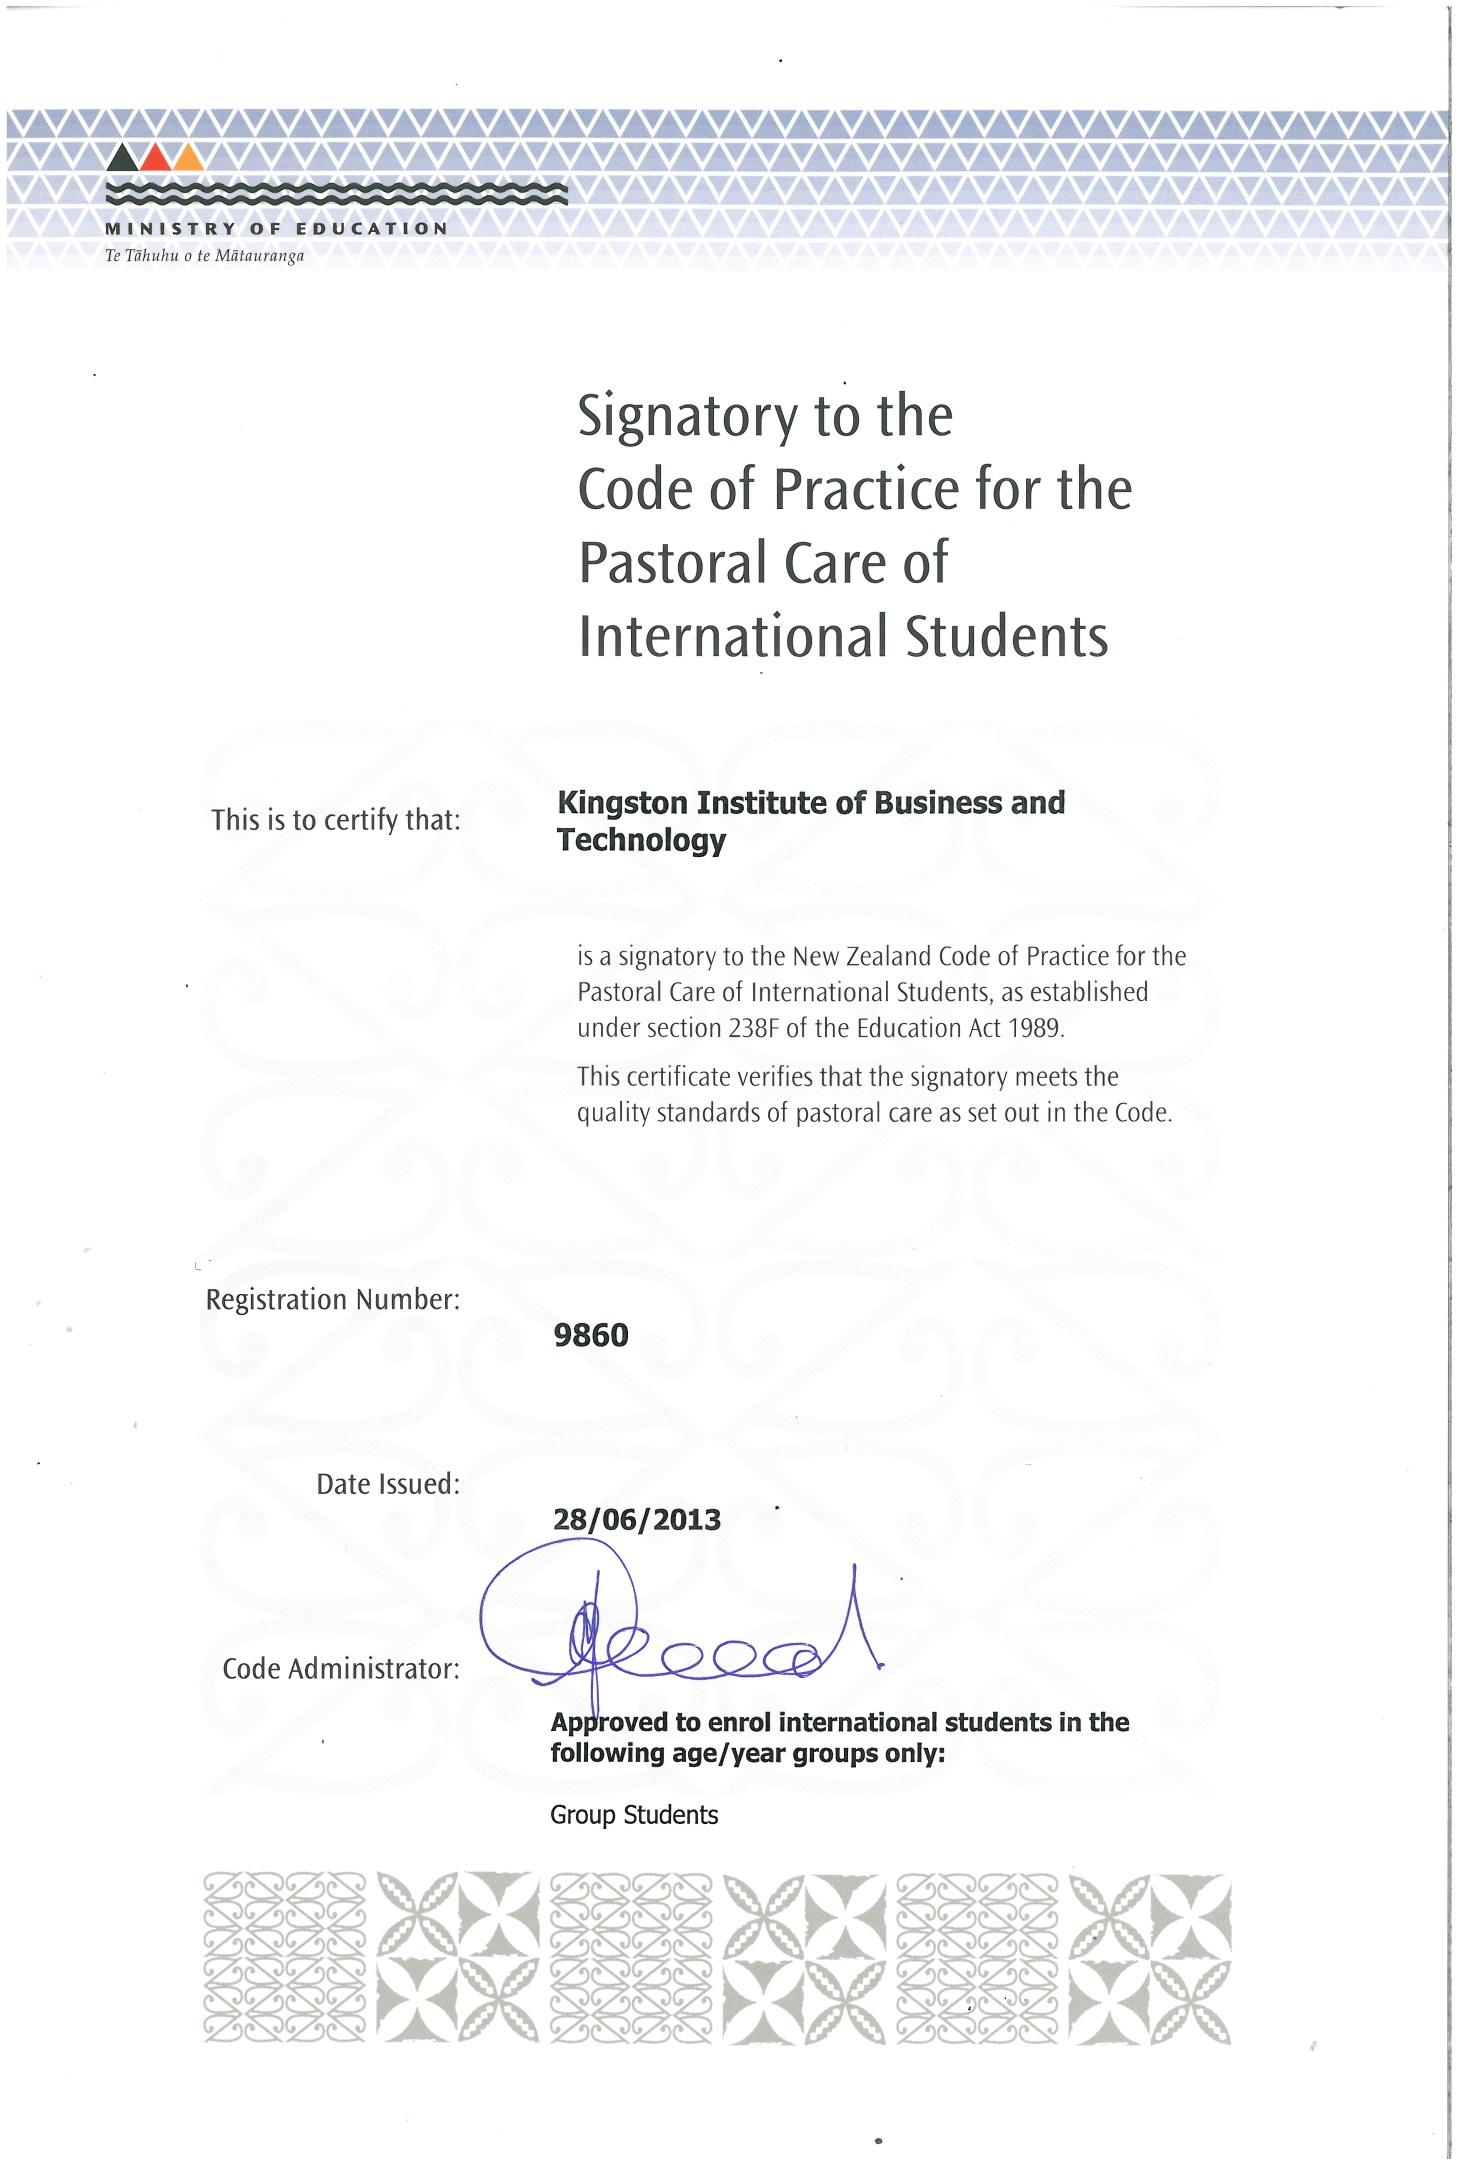 국제 학생 보호 및 관리를 위한 뉴질랜드 행동 규범에 대한 서명서